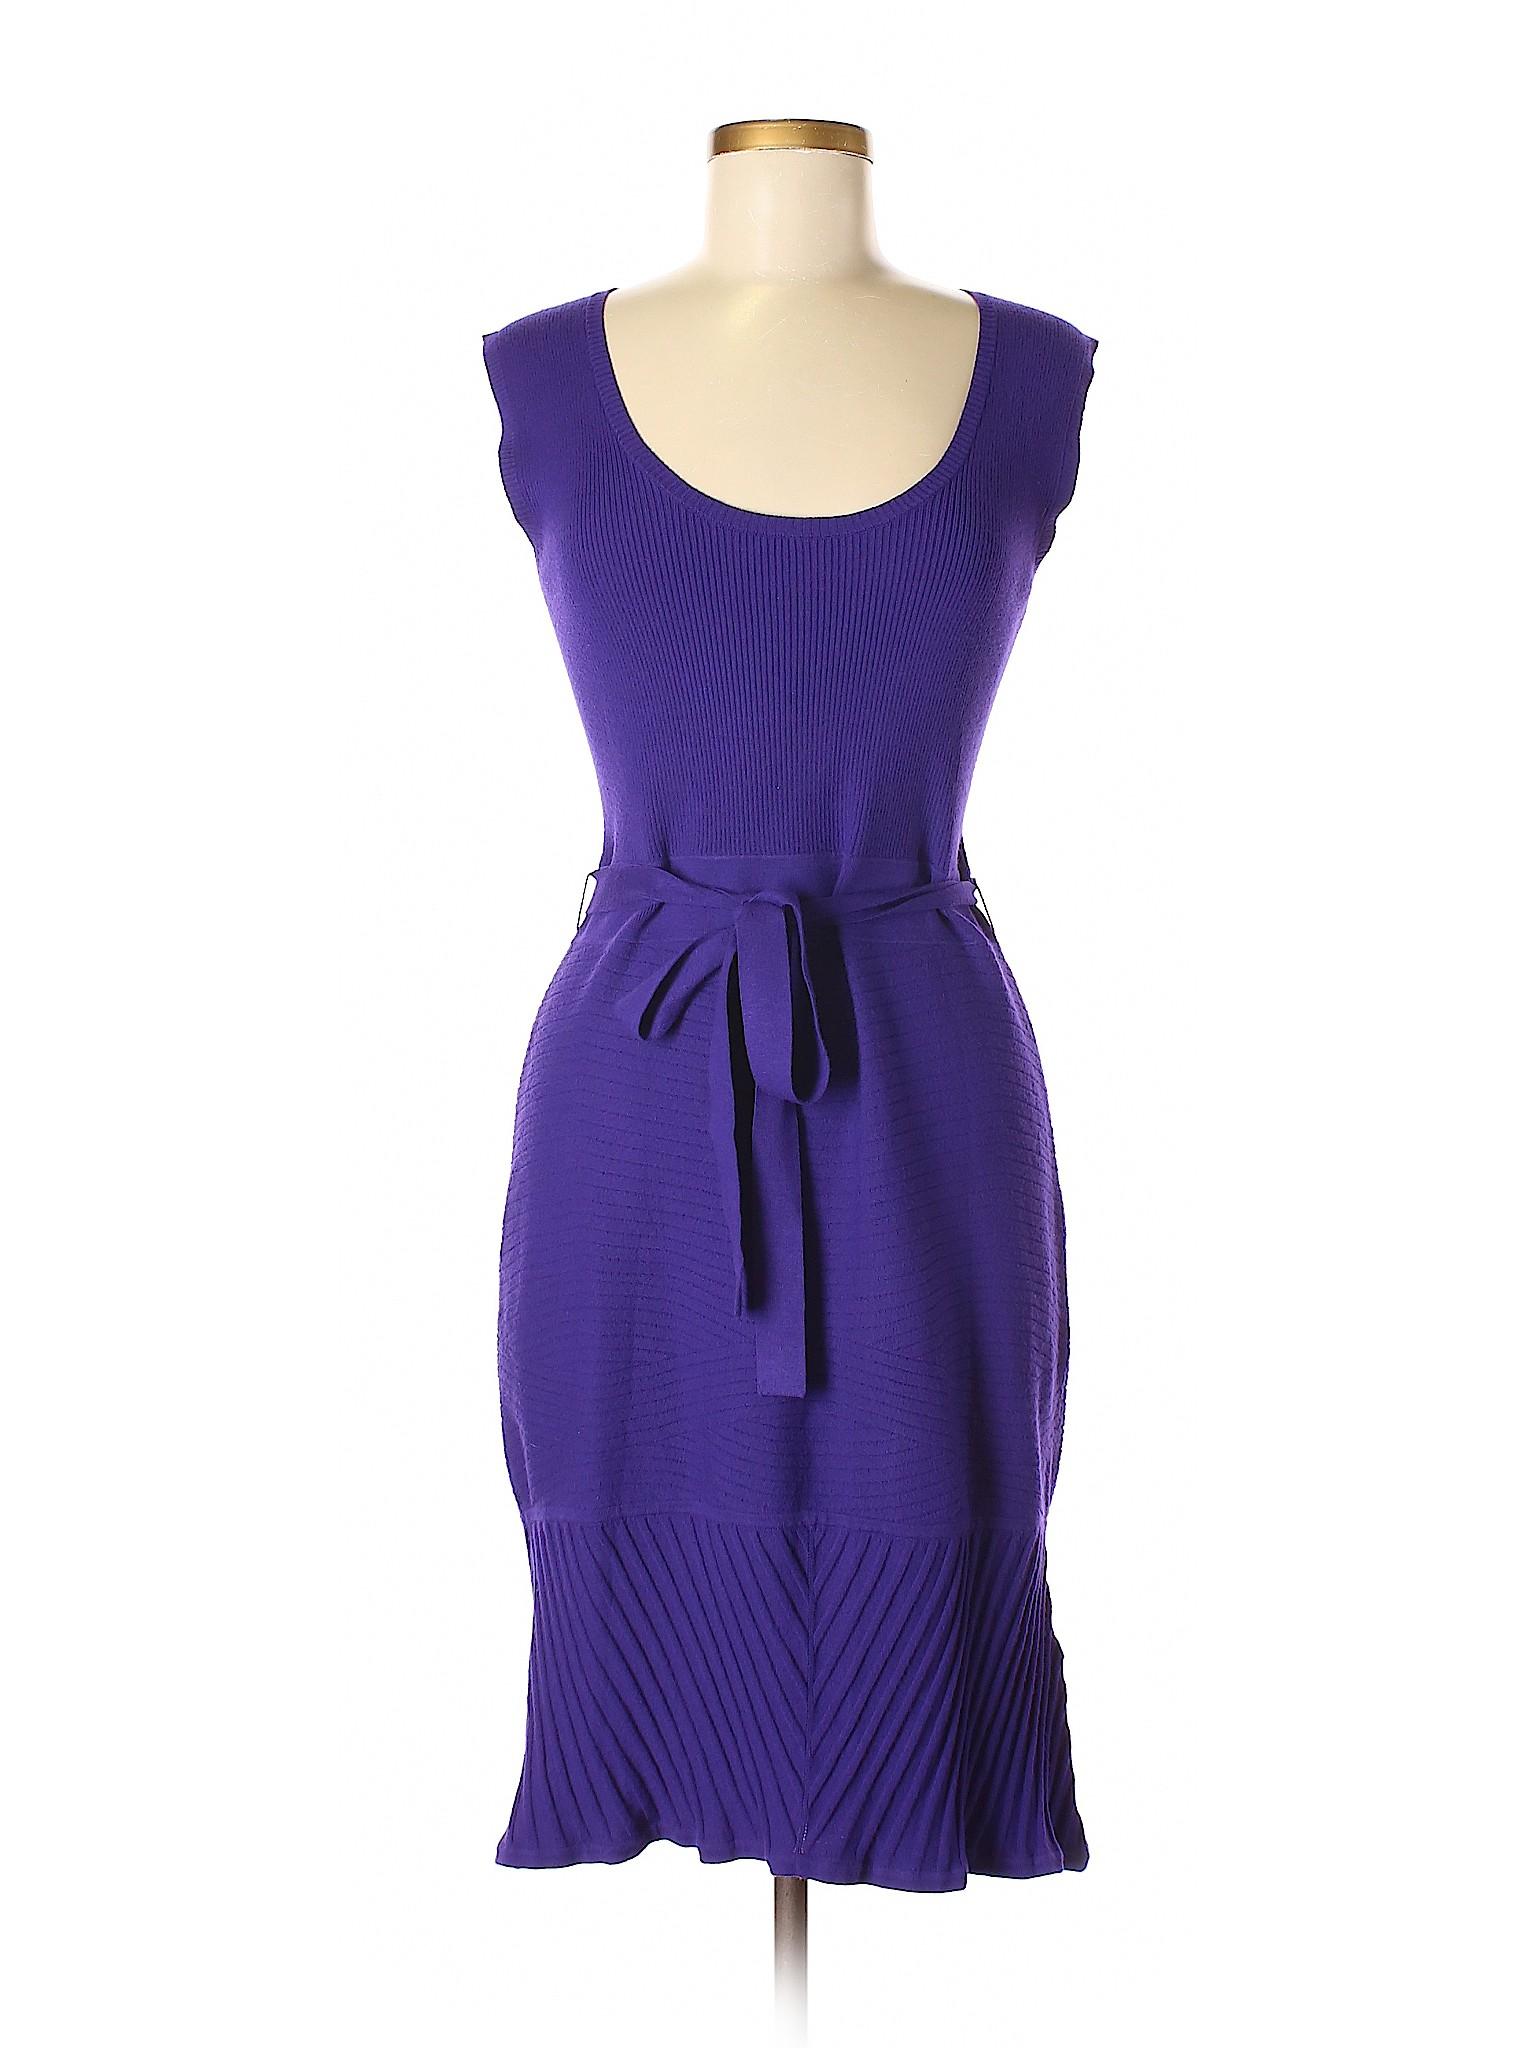 original New York MILLY winter of Dress an Casual Boutique wEgU4qzn